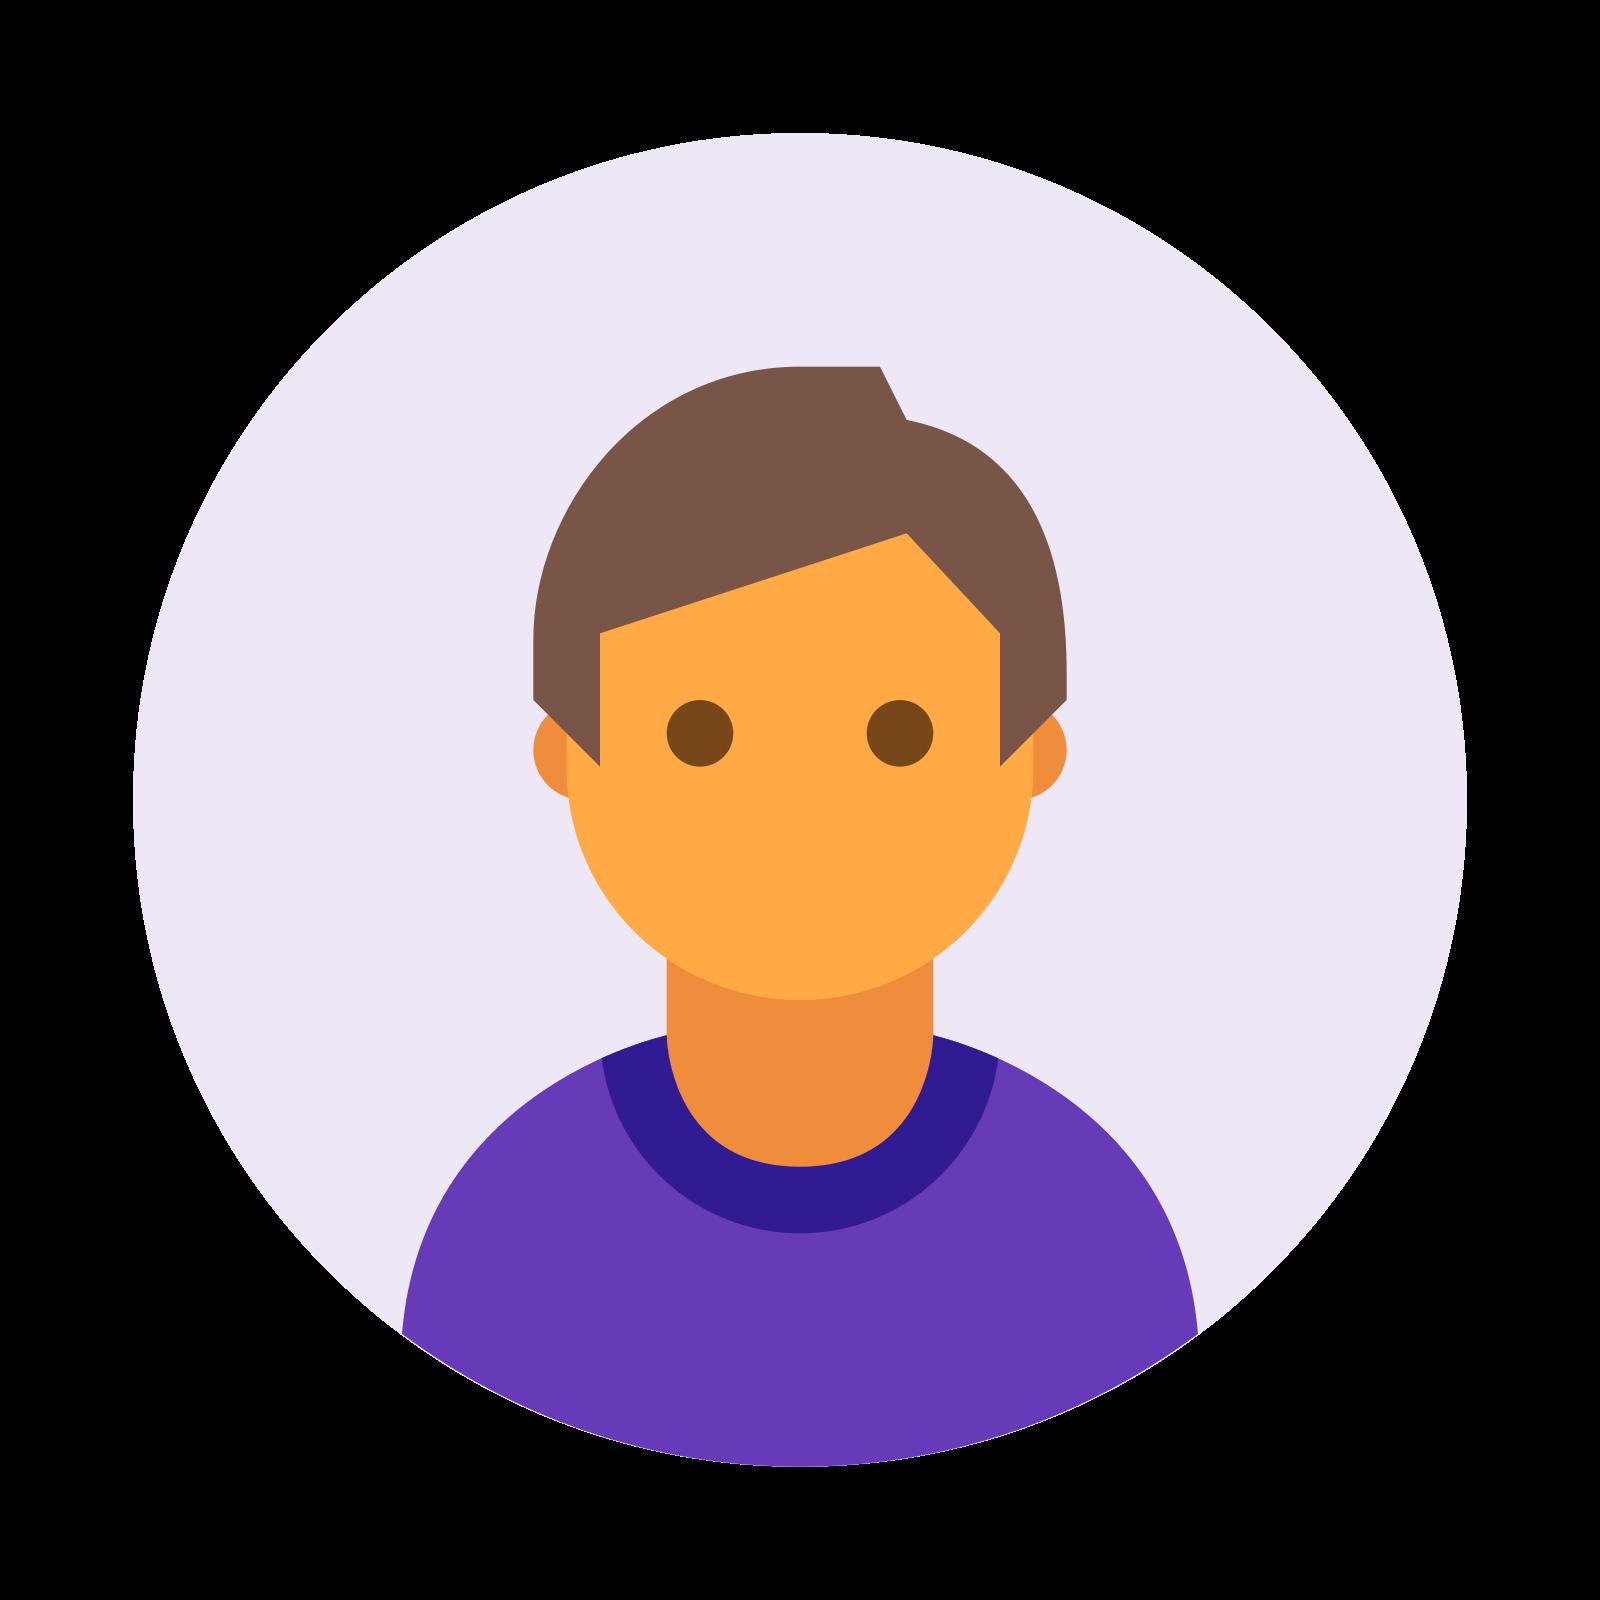 Circled User Male Skin Type 4 icon